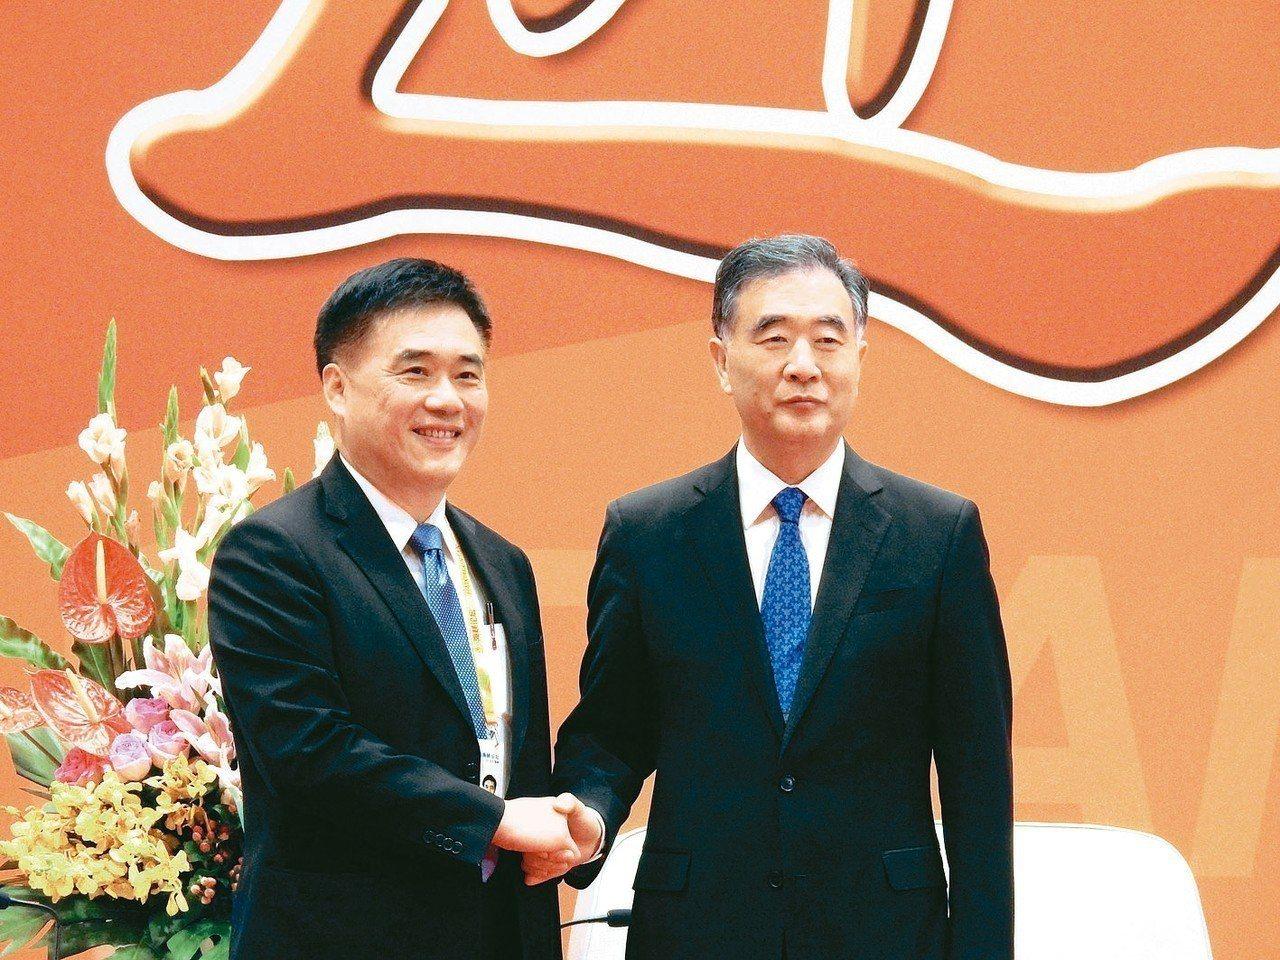 國民黨副主席郝龍斌(左)與大陸全國政協主席汪洋(右)。 特派記者林宸誼 / 攝影